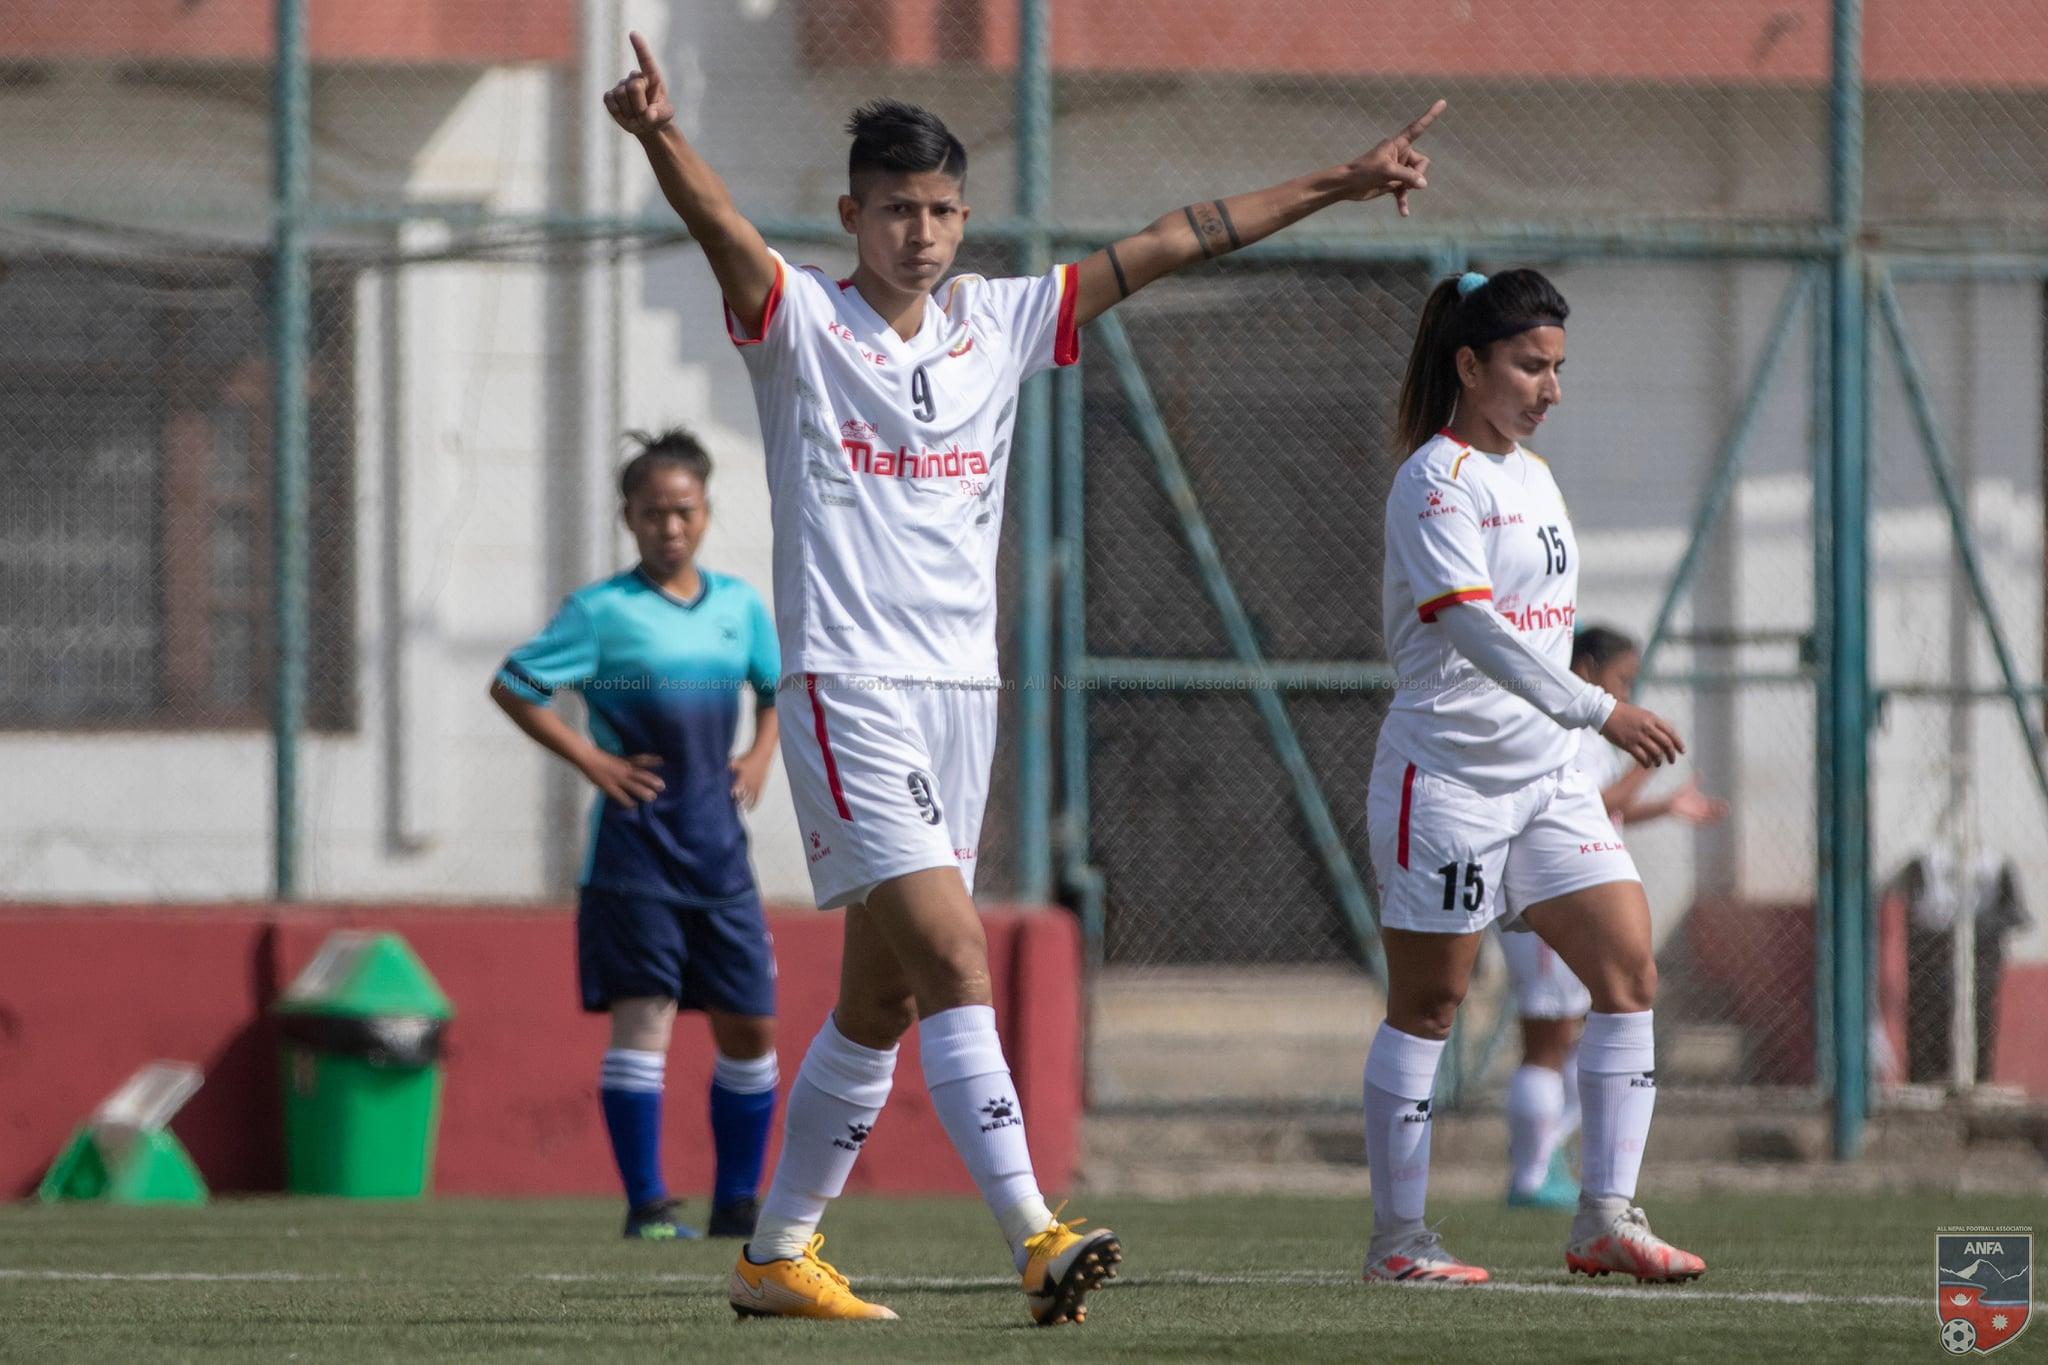 राष्ट्रिय महिला लिग फुटबल: चाैदण्डीगढीमाथि एपिएफ विजयी, साम्बा एक्लैको १२ गोल…